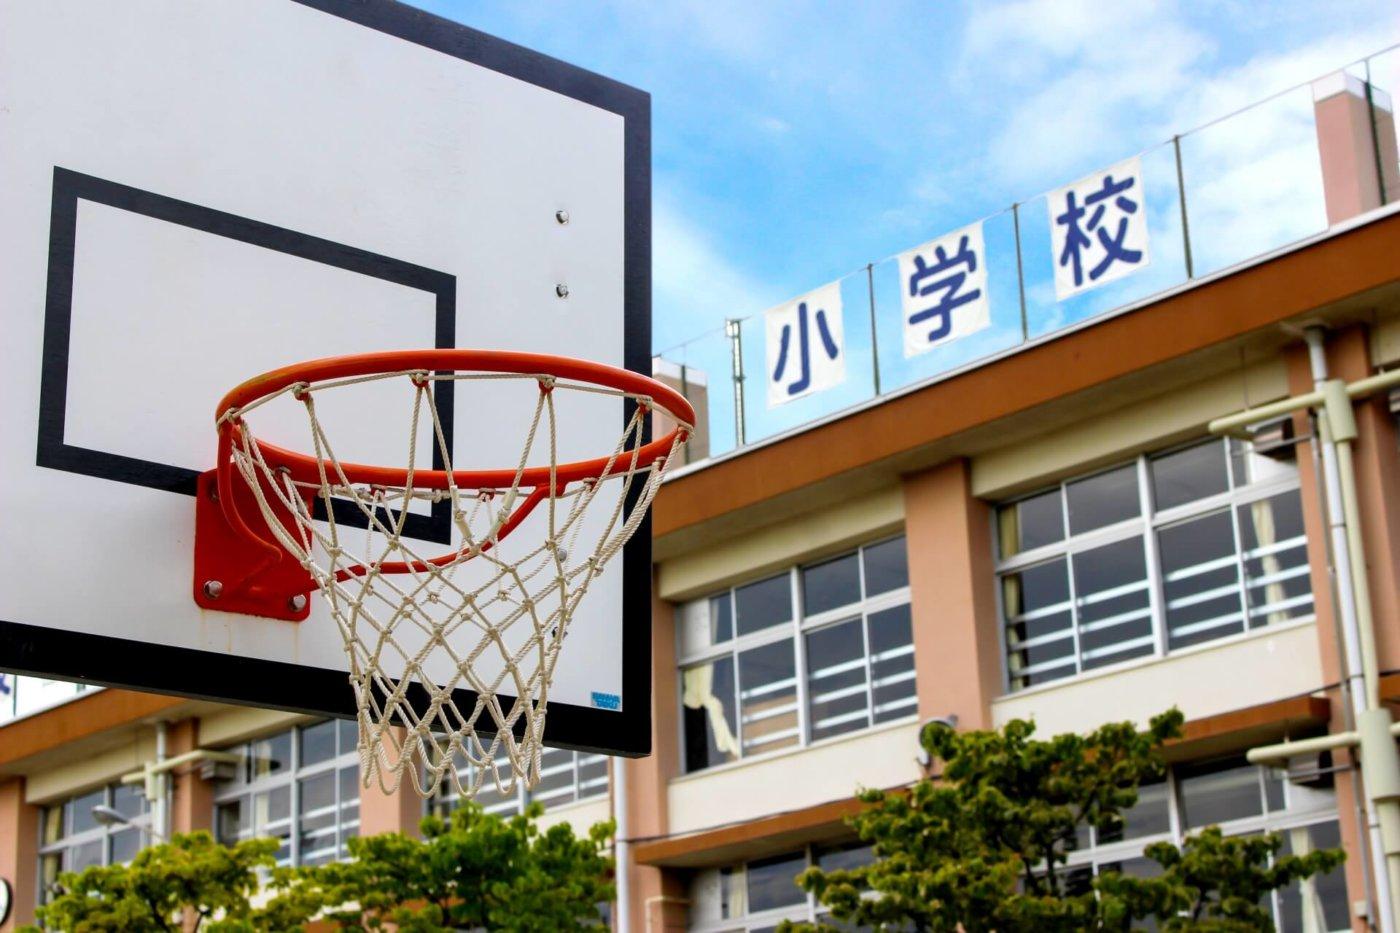 小・中・高で違う!?バスケのゴールの高さについて調べてみました。